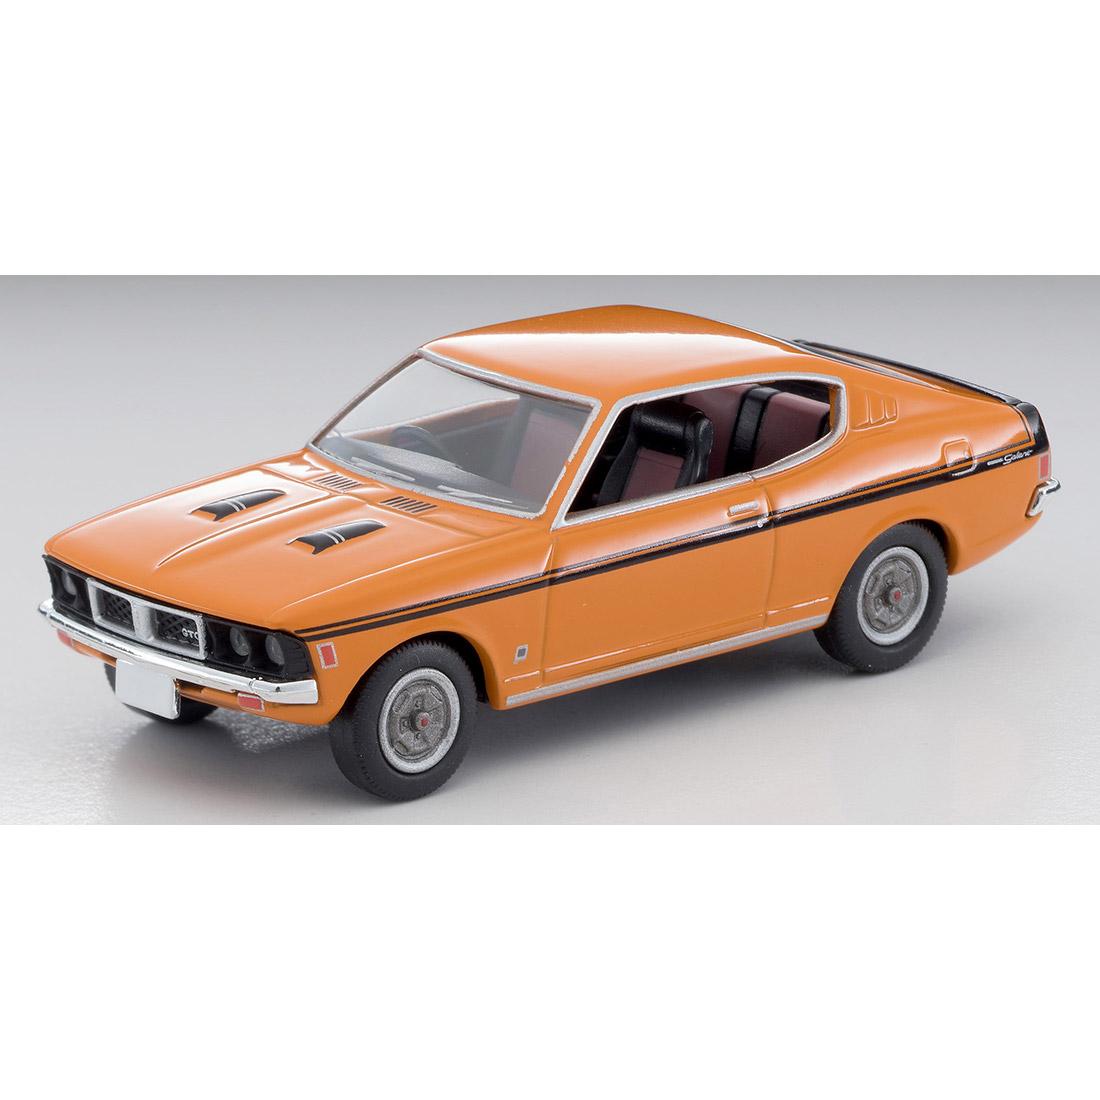 トミカリミテッドヴィンテージ ネオ LV-N204a『コルトギャランGTO MR(橙)』1/64 ミニカー-002